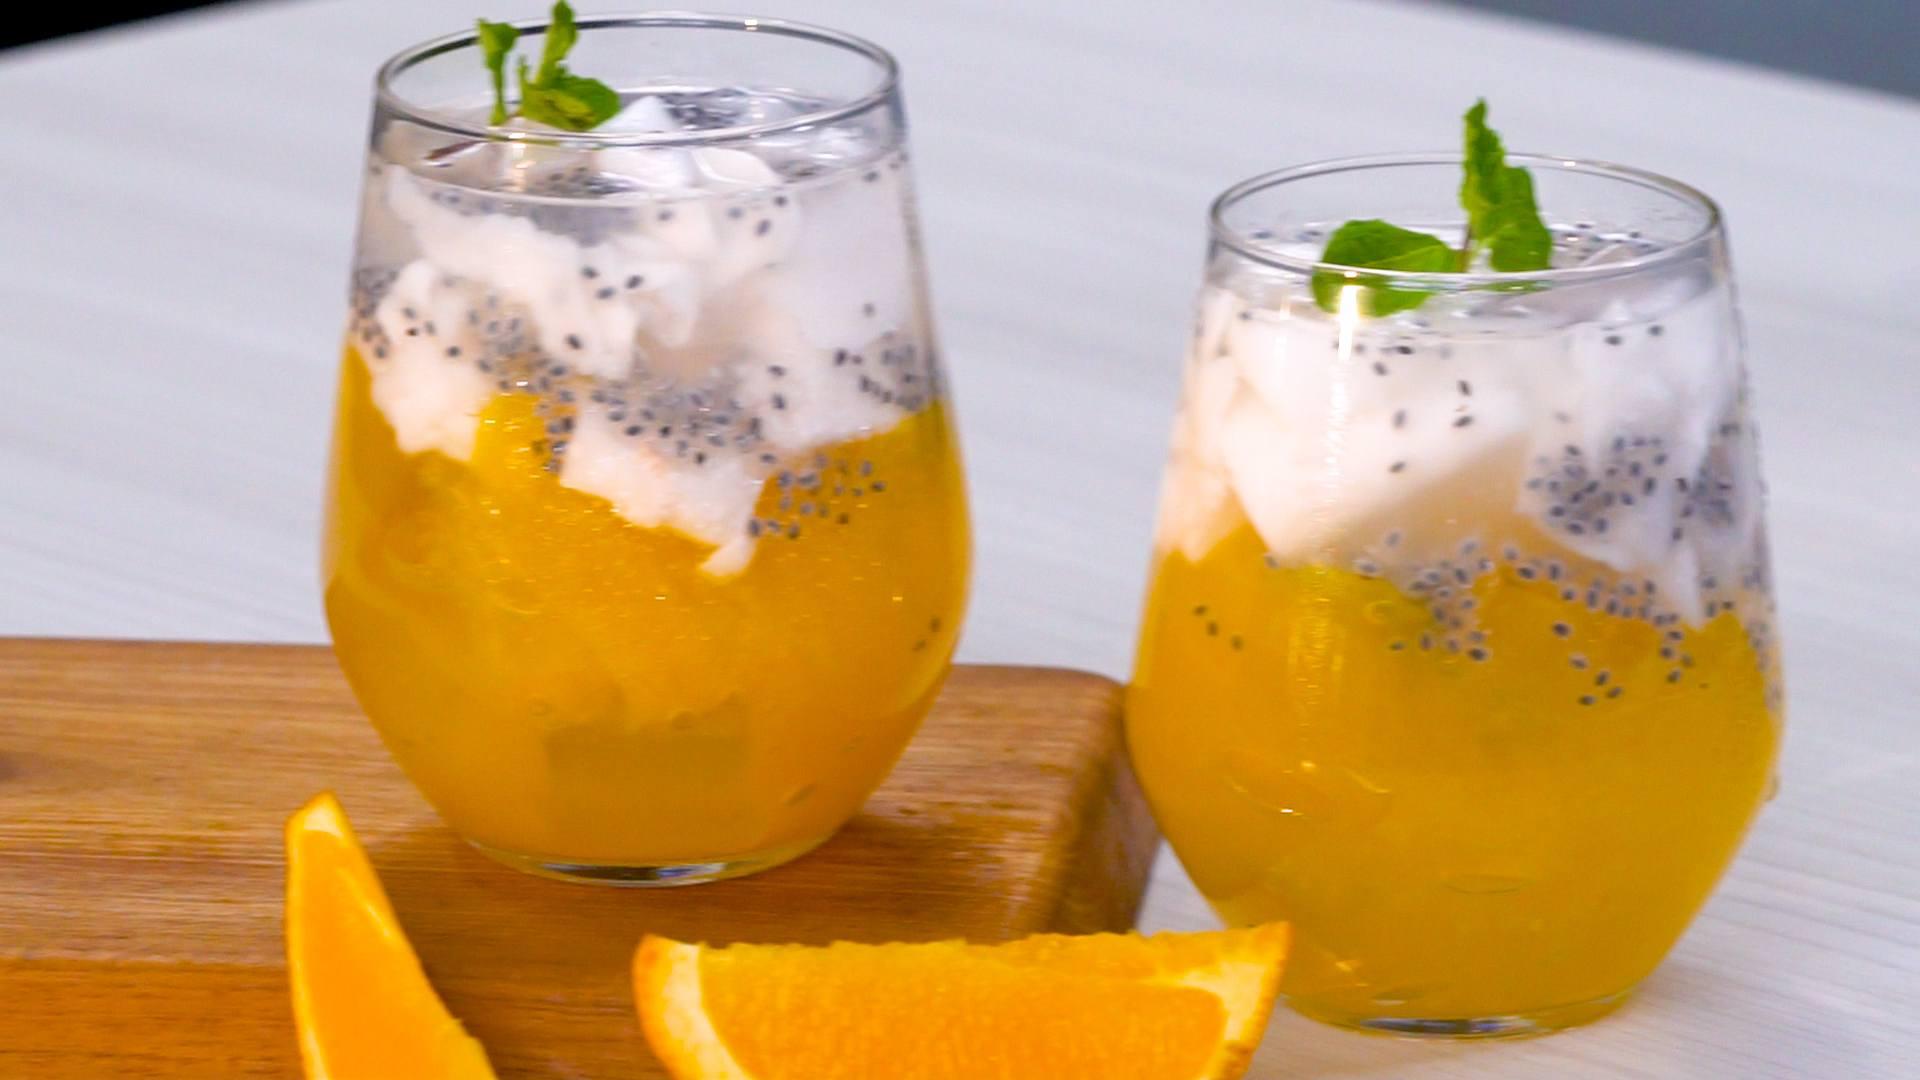 Resep Minuman Dari Kelapa Muda